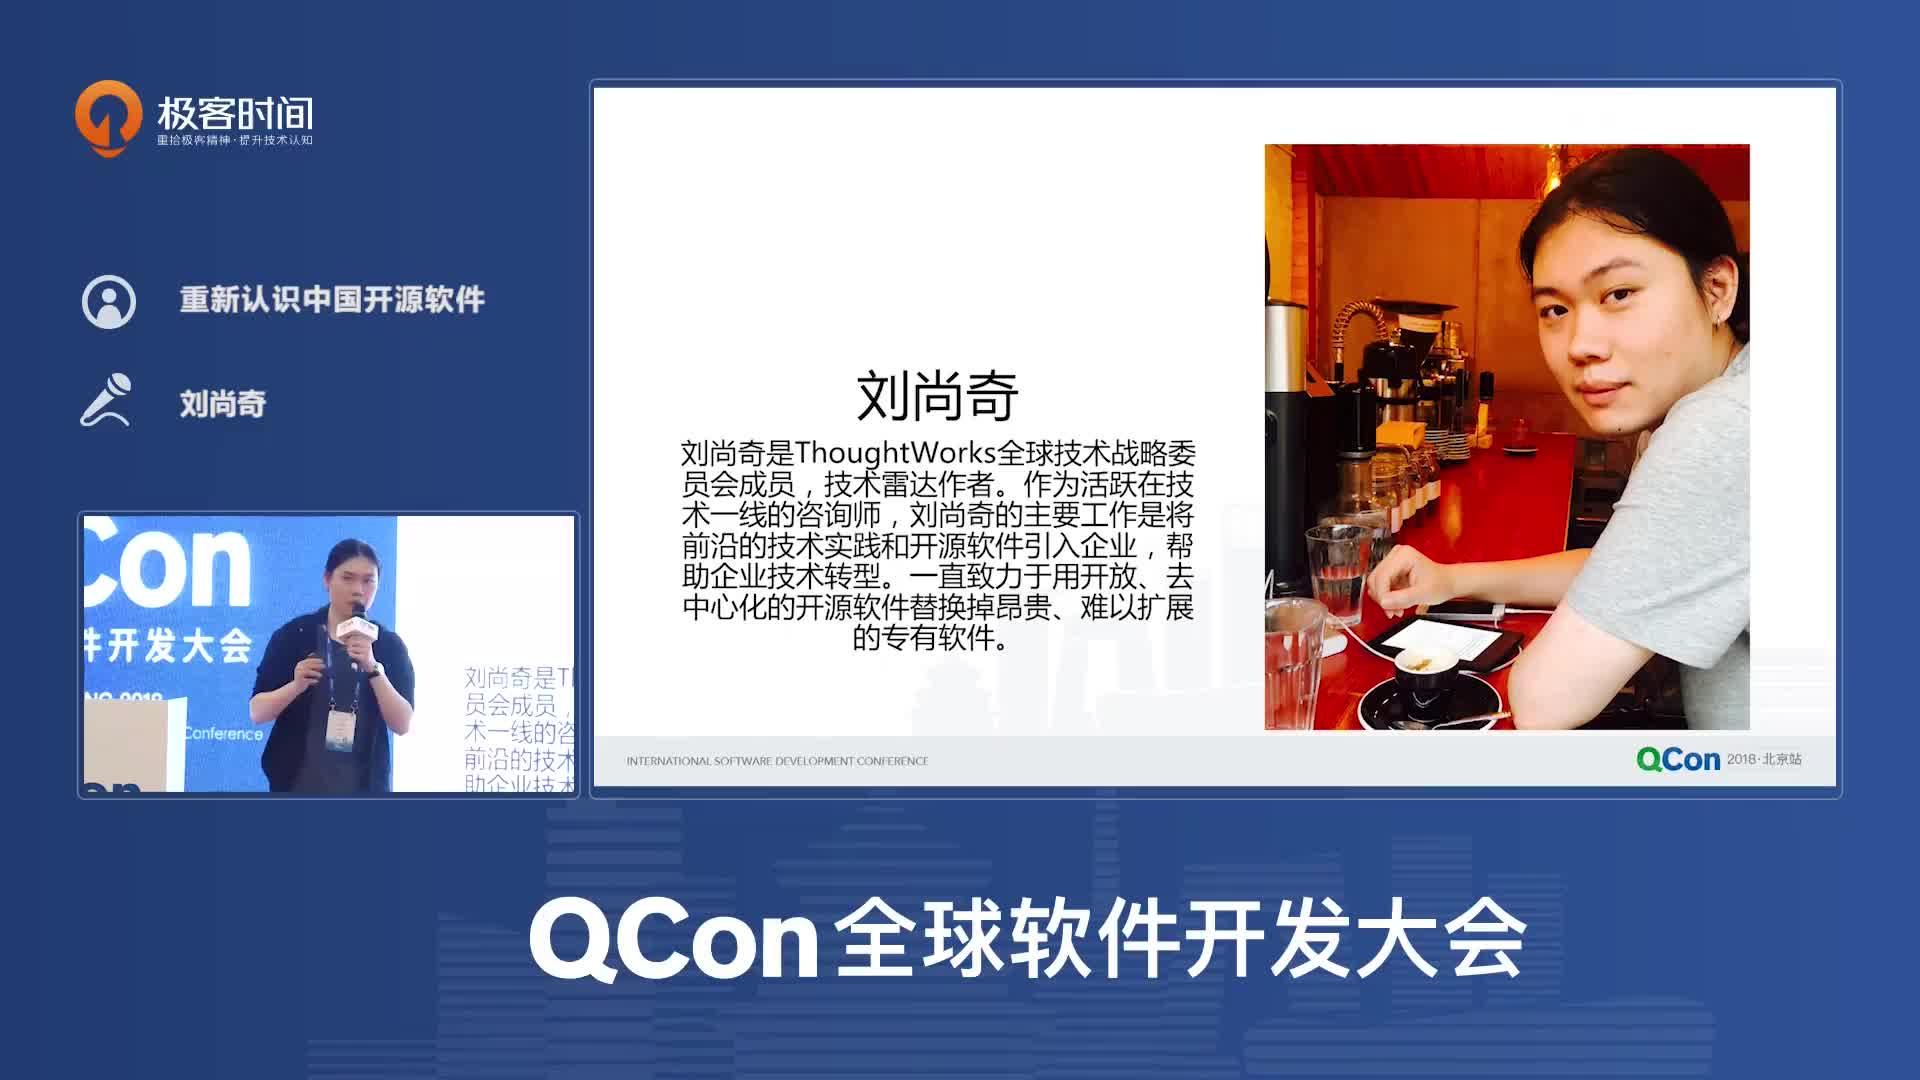 重新认识中国开源软件 QCon